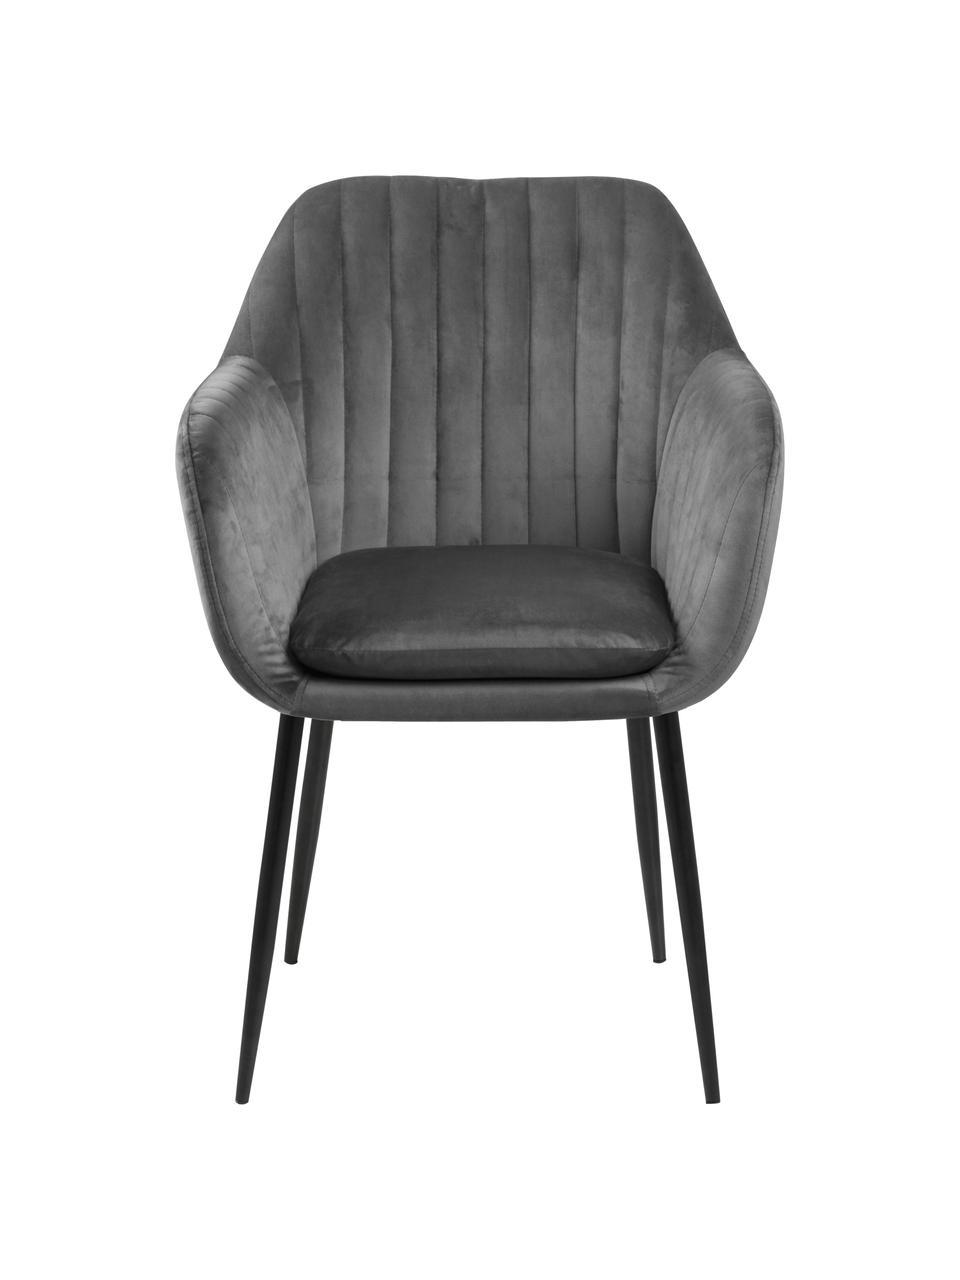 Chaise velours rembourrée pieds en métal Emilia, Velours gris foncé, pieds noir